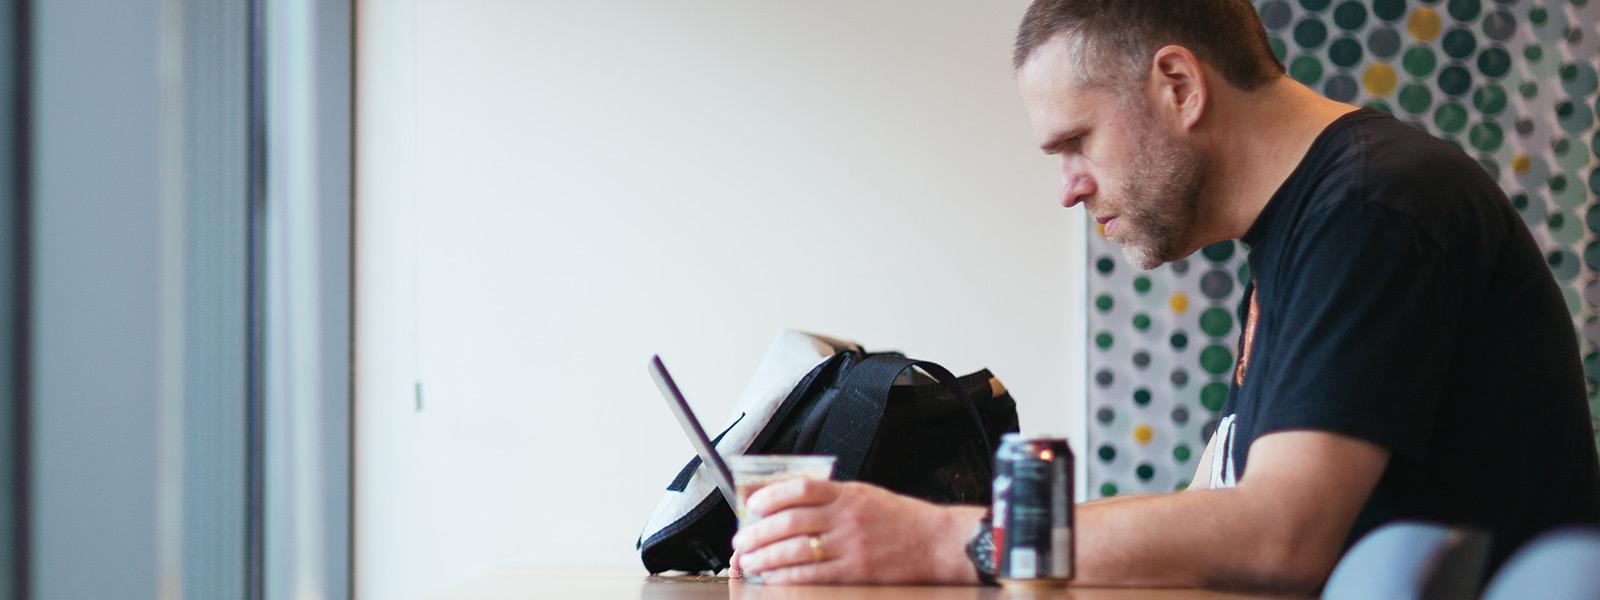 有個男人坐在桌前,在他的 Windows 10 電腦上工作